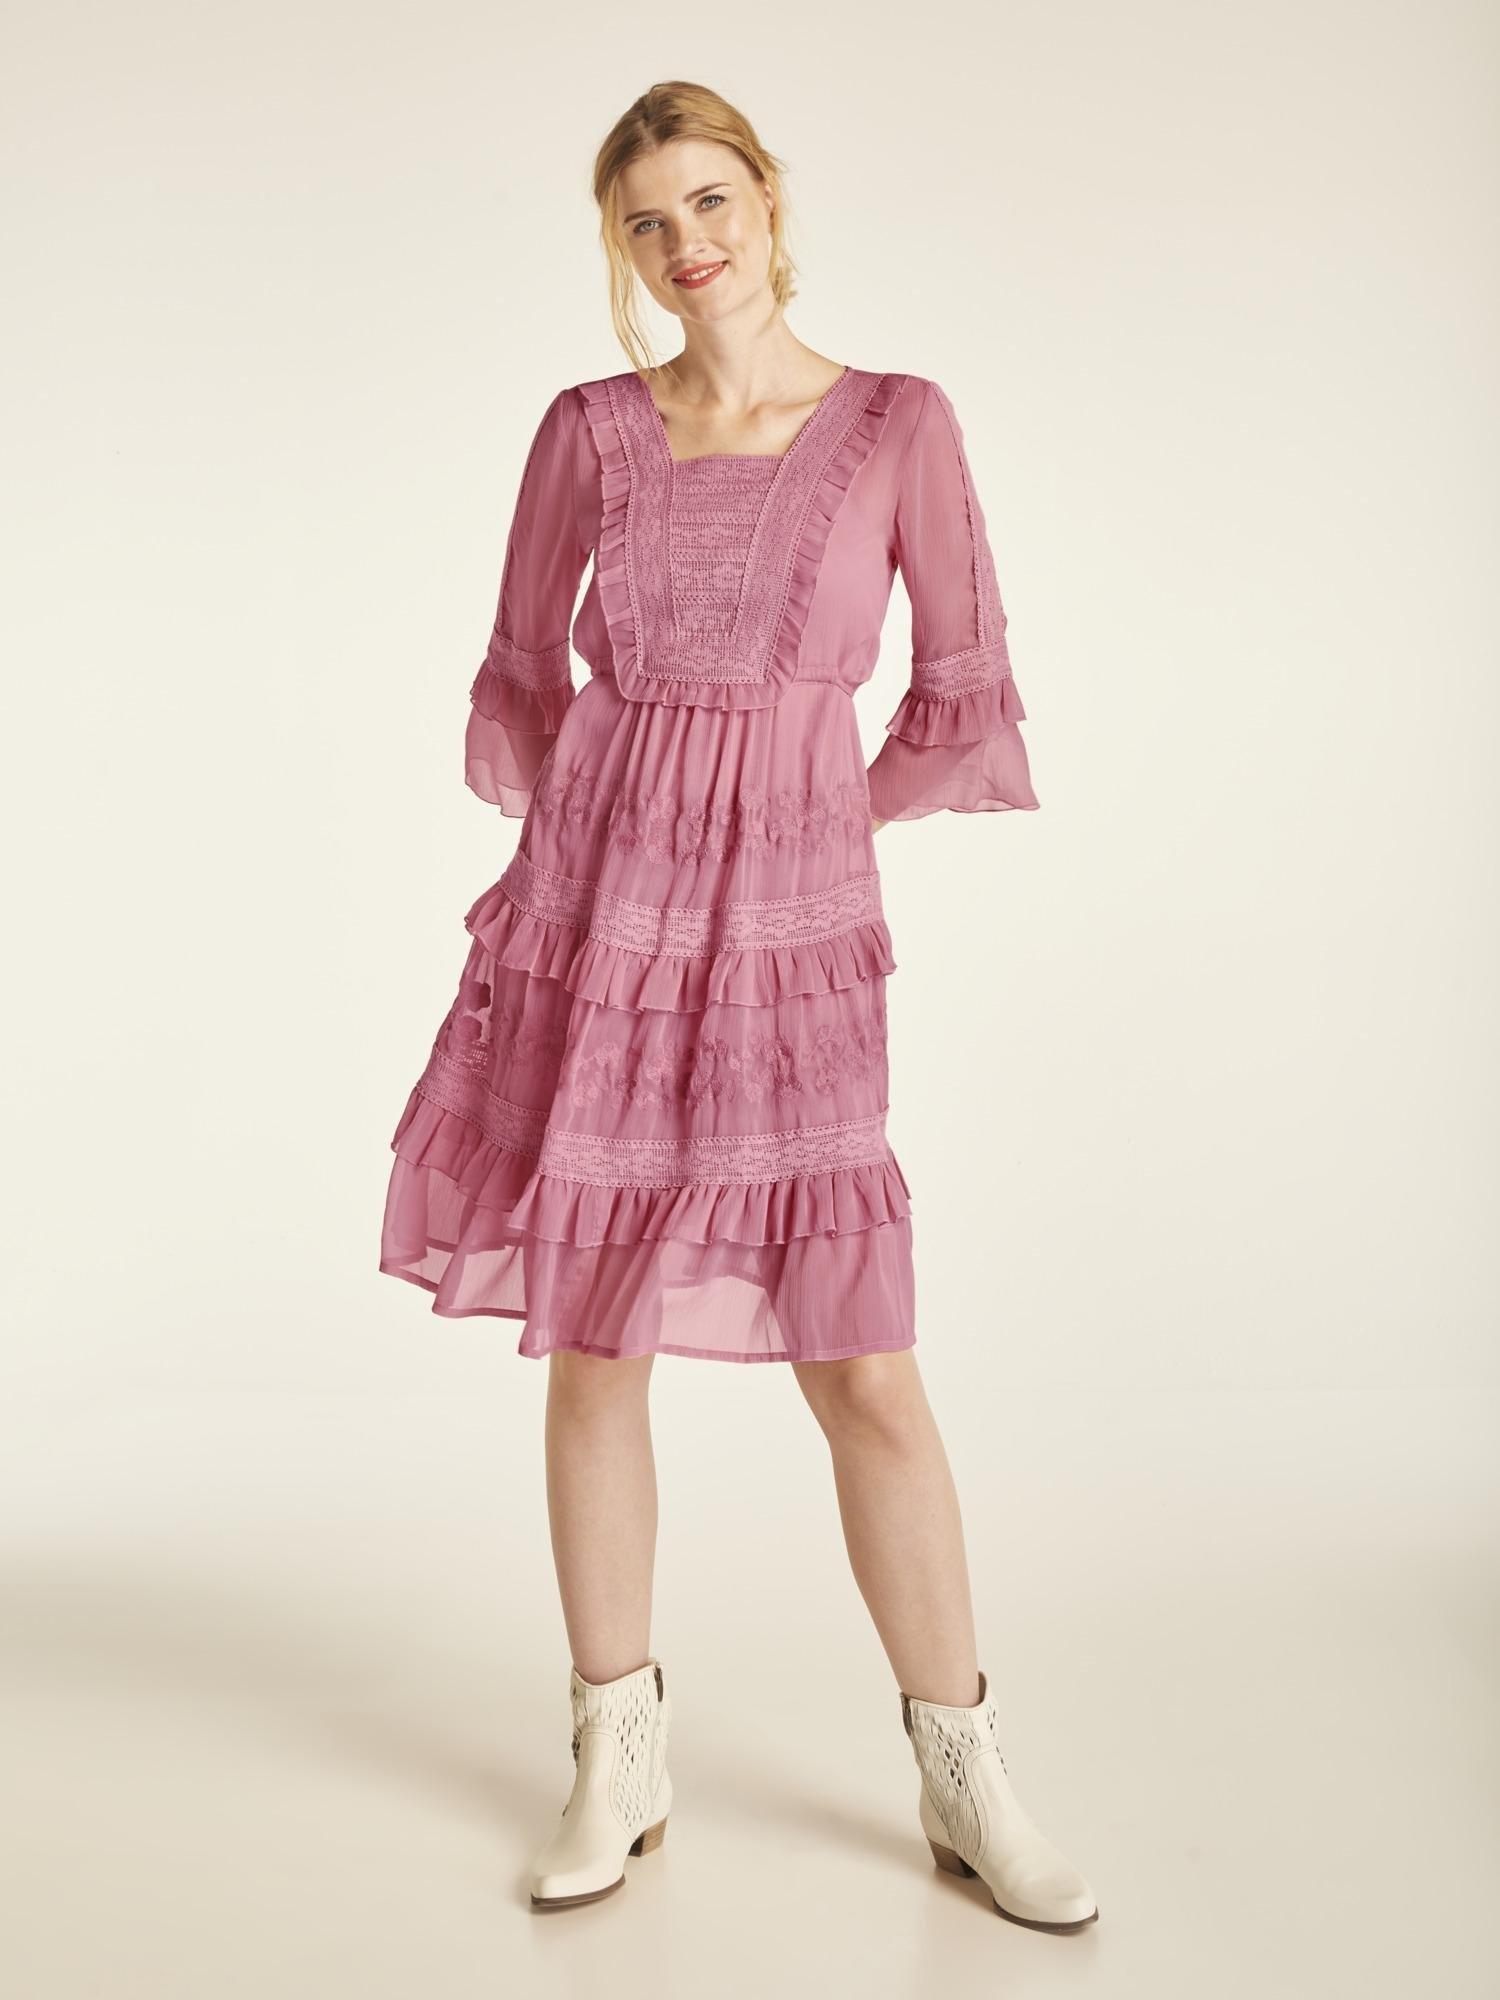 heine Kanten jurk voordelig en veilig online kopen